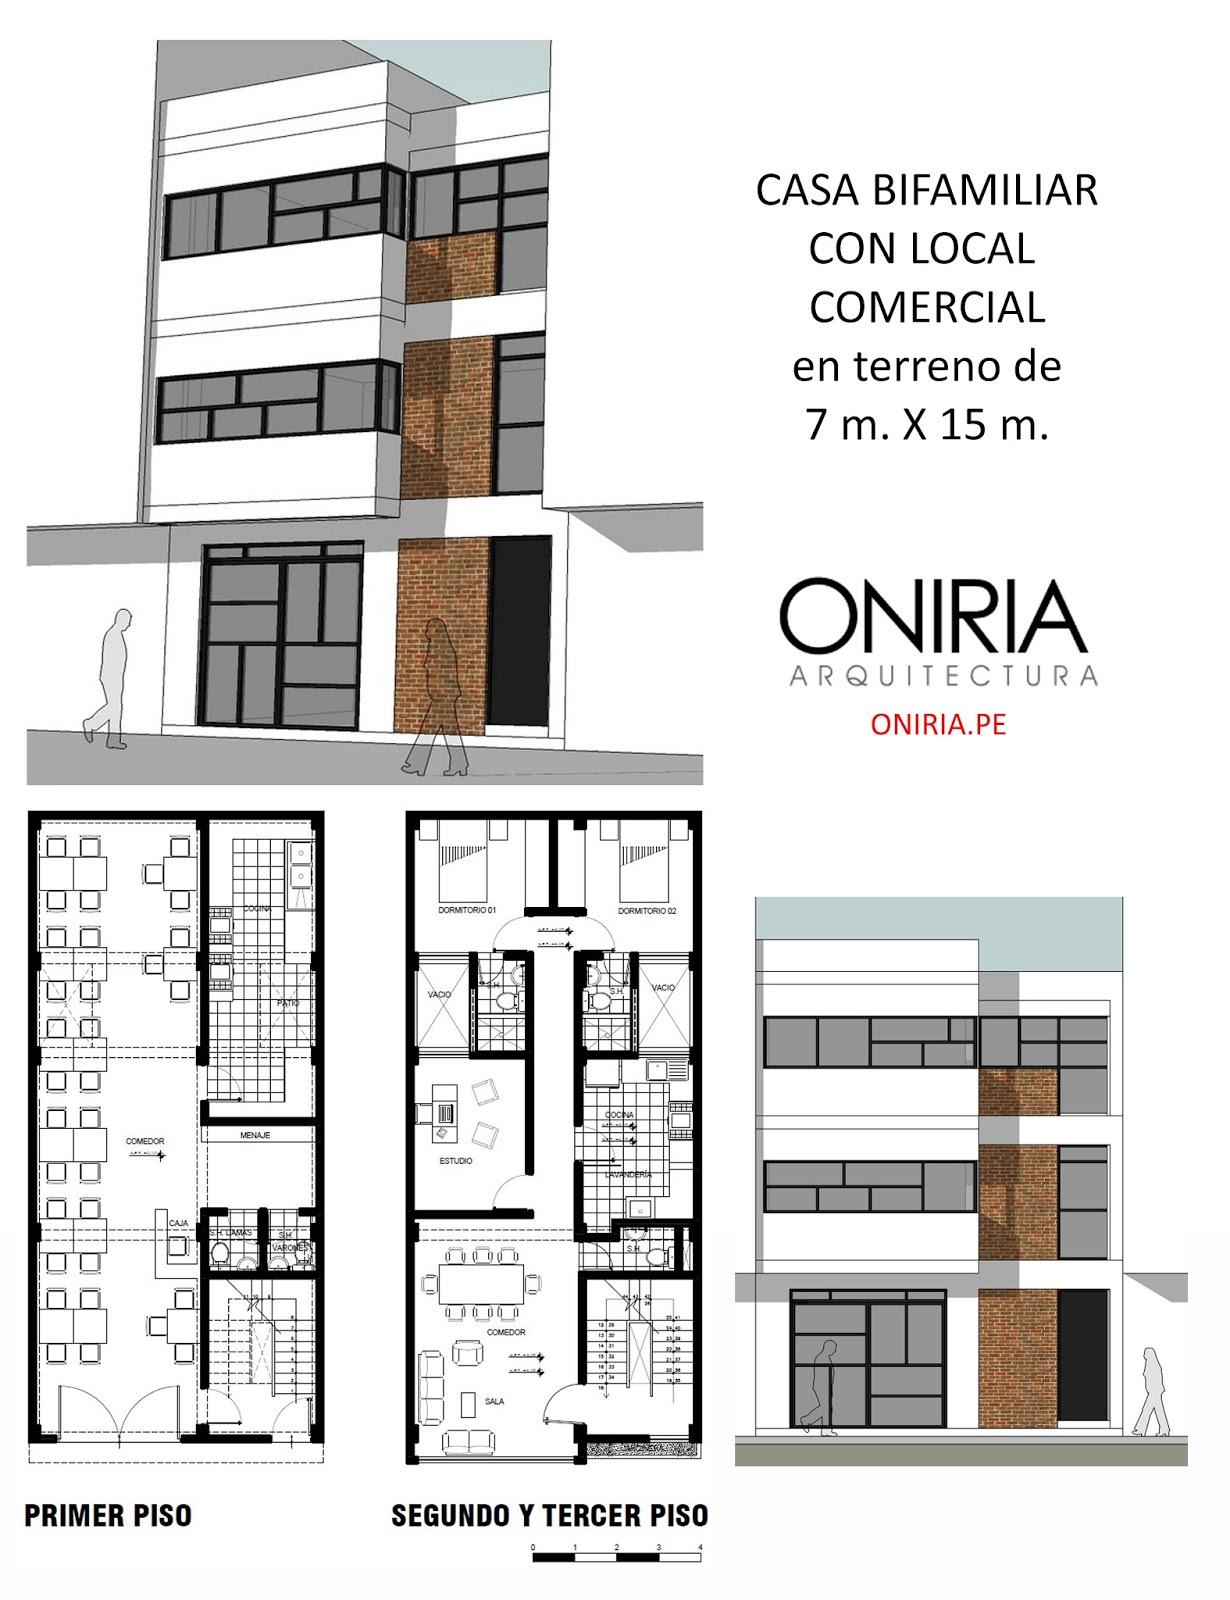 Oniria enero 2016 - Casa con terreno ...